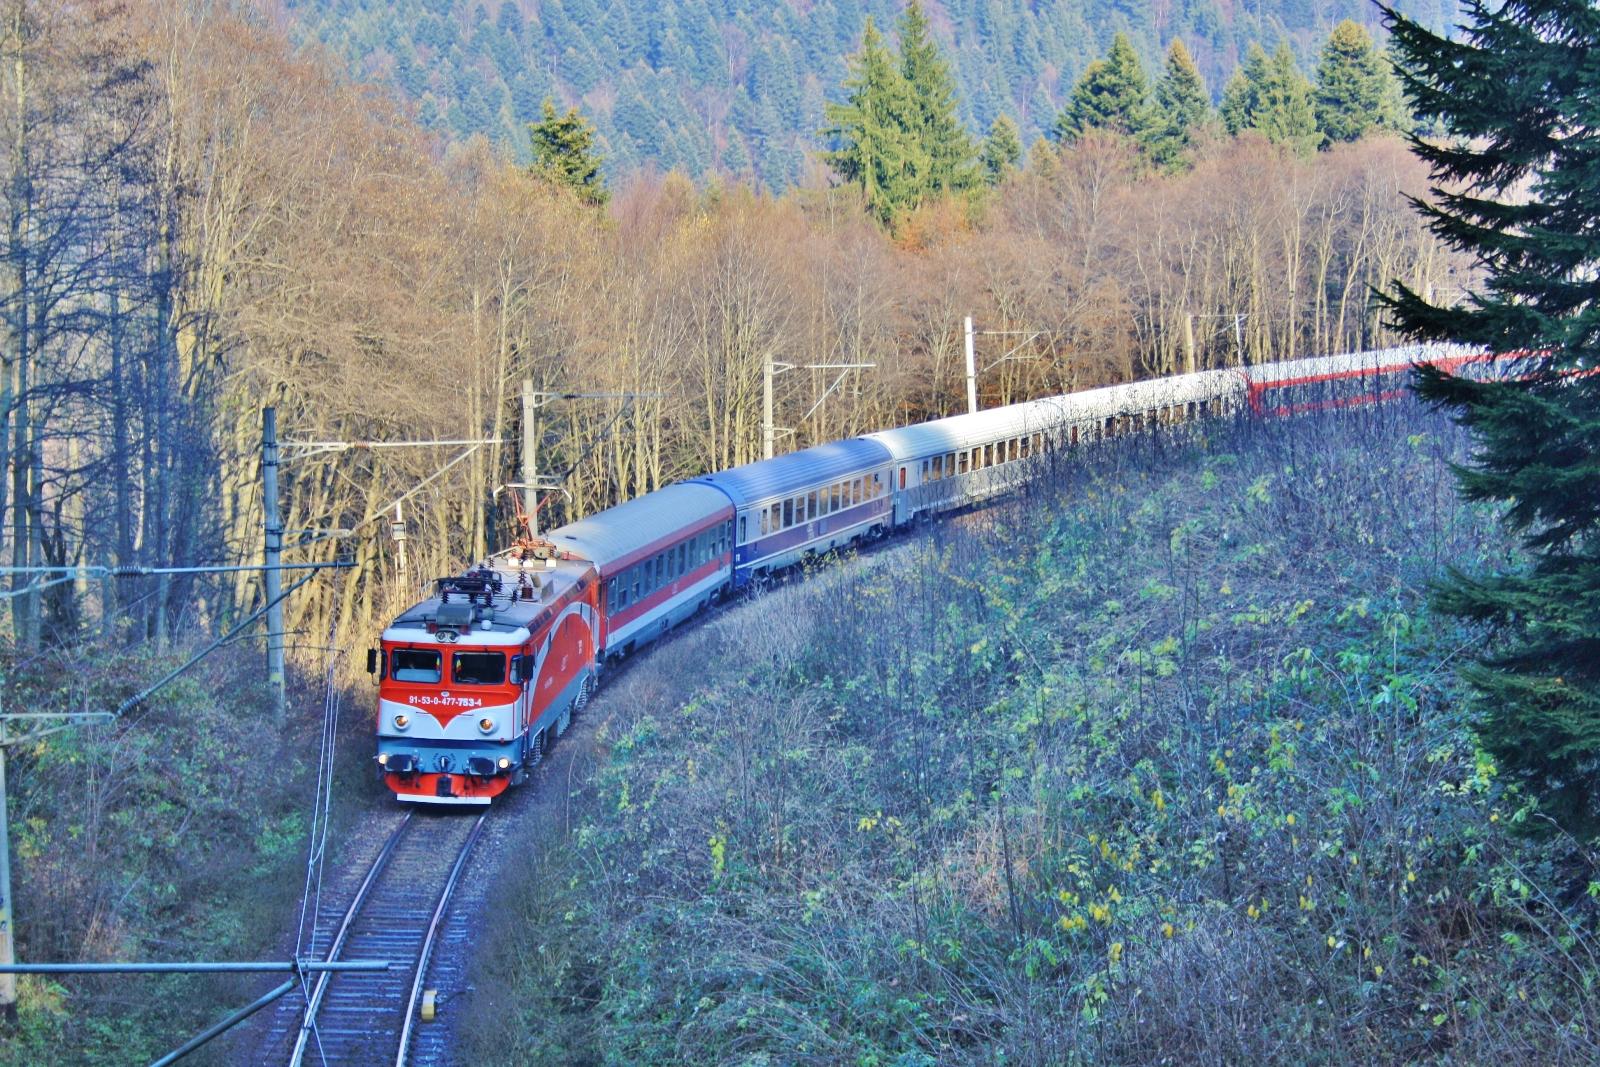 Tunelul Mic Noiembrie 2010 by metrouusor